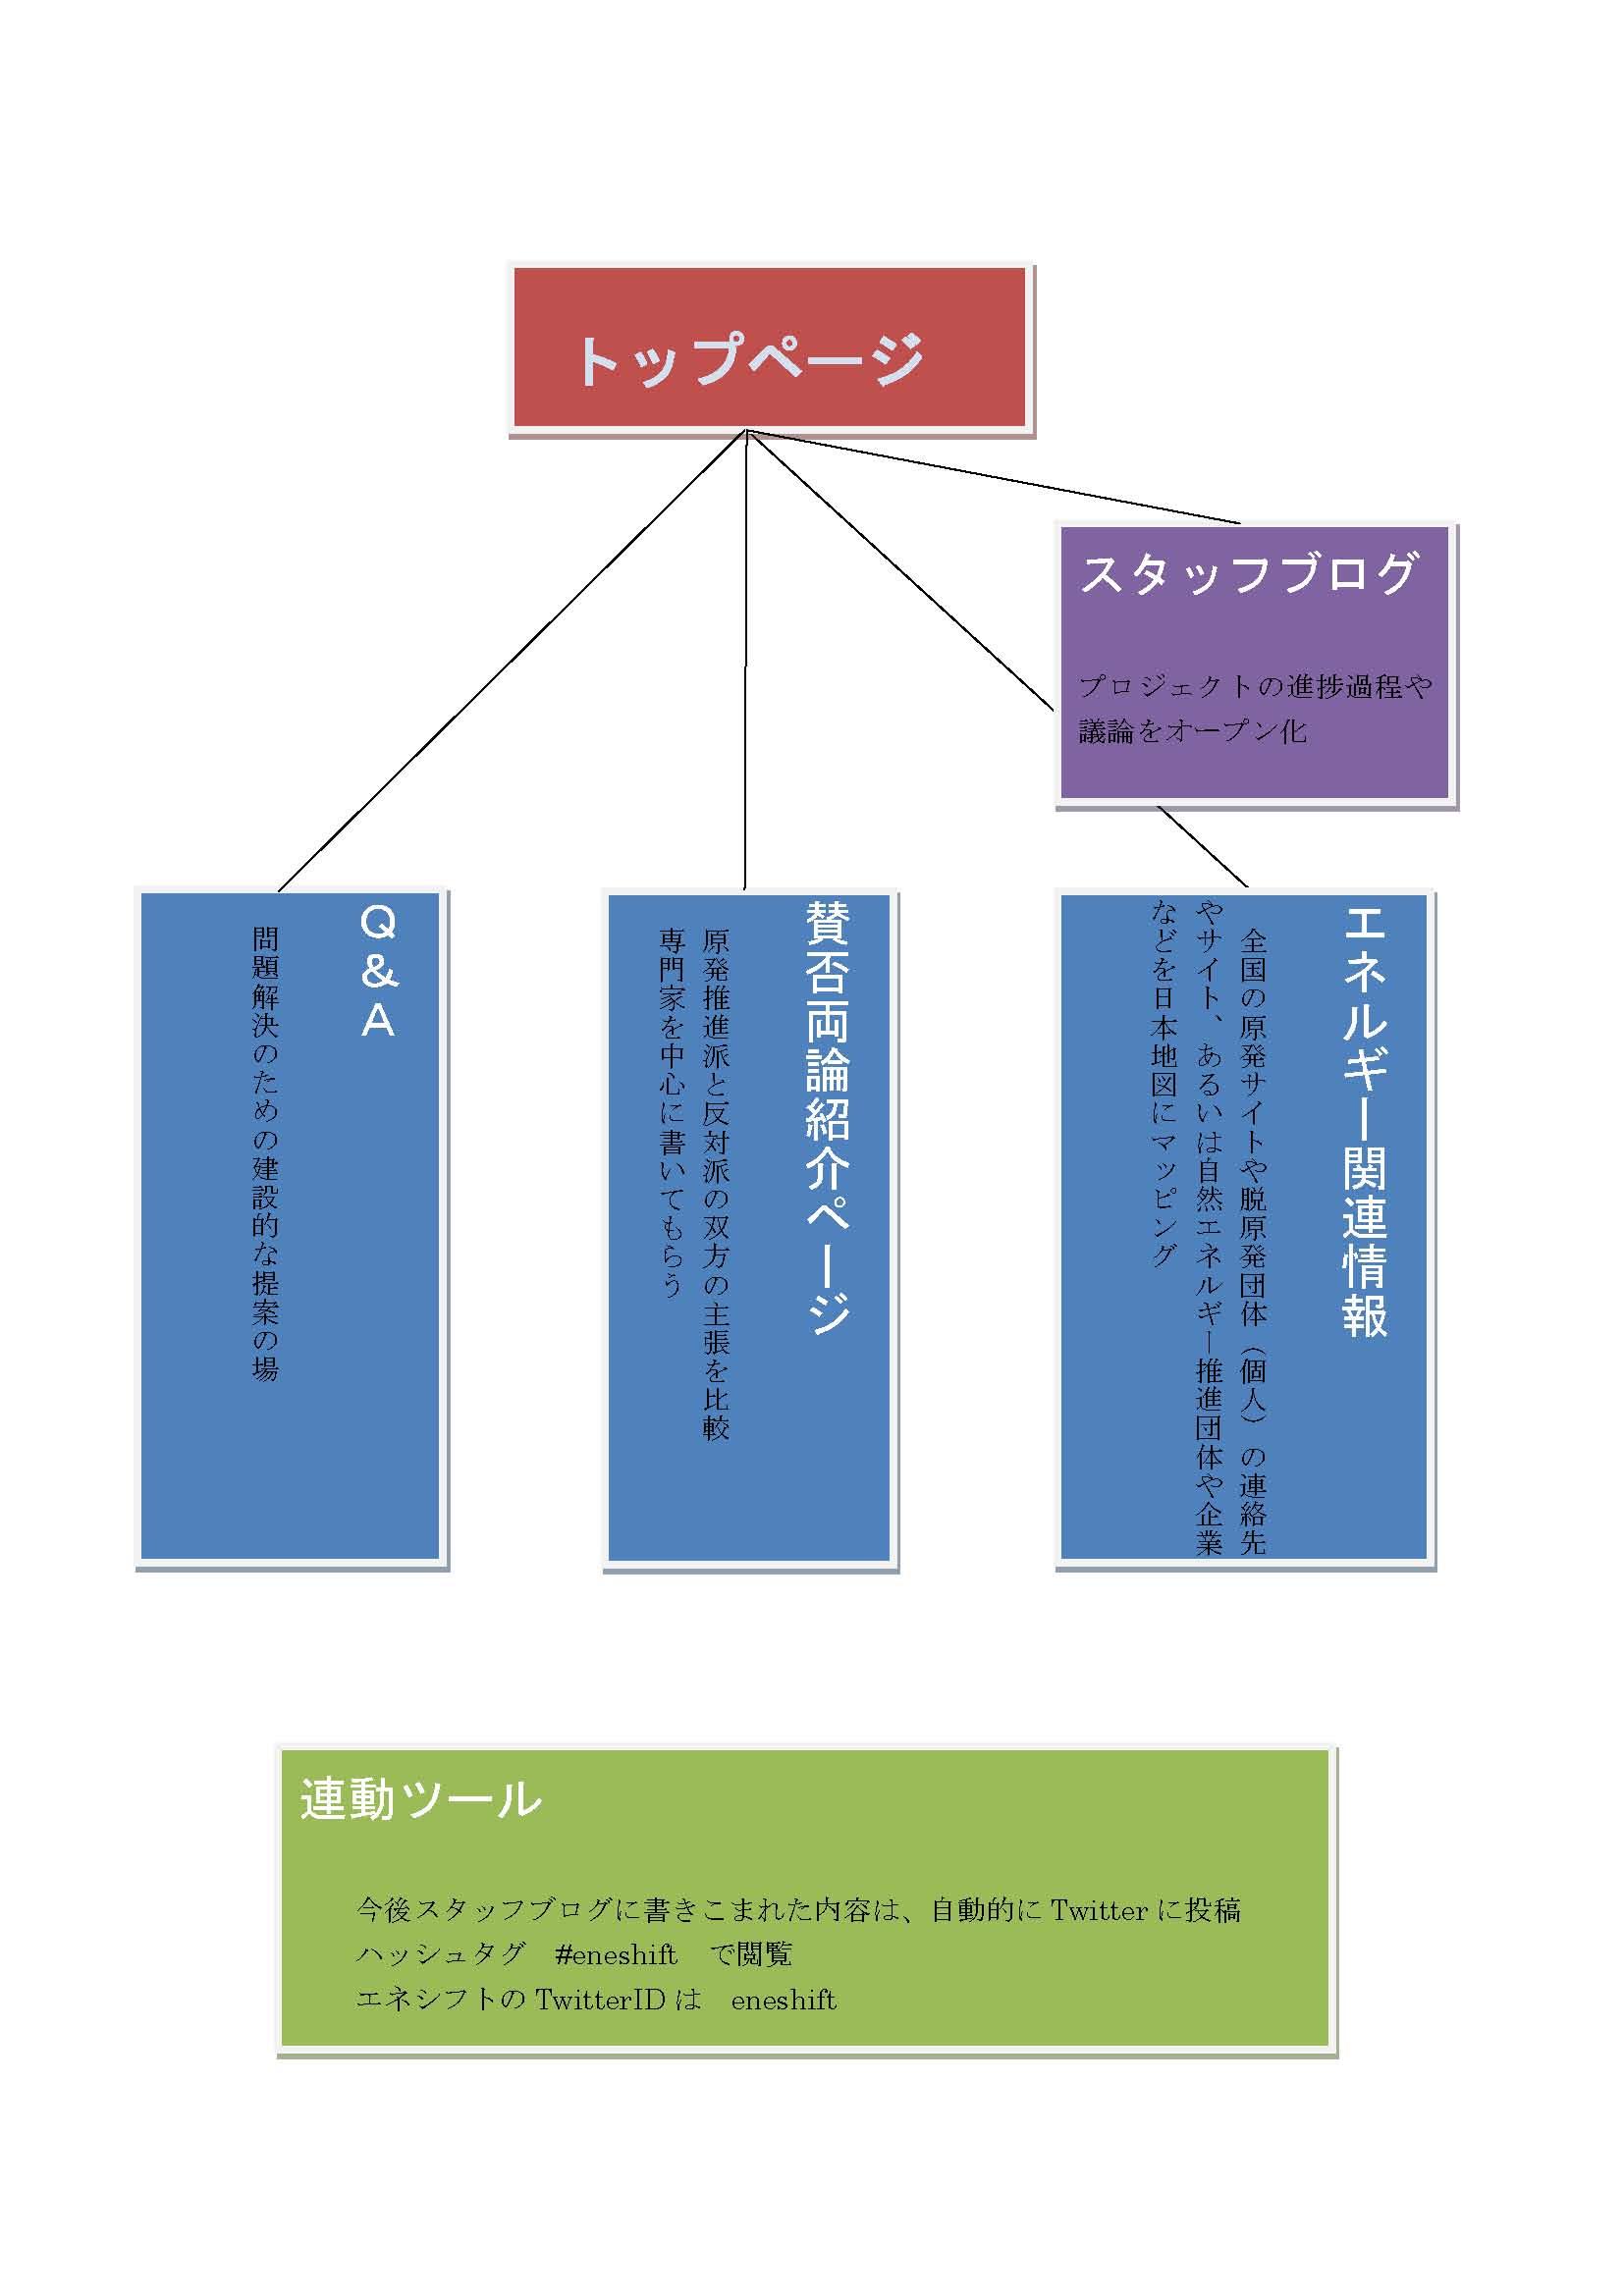 原発 サイトマップ